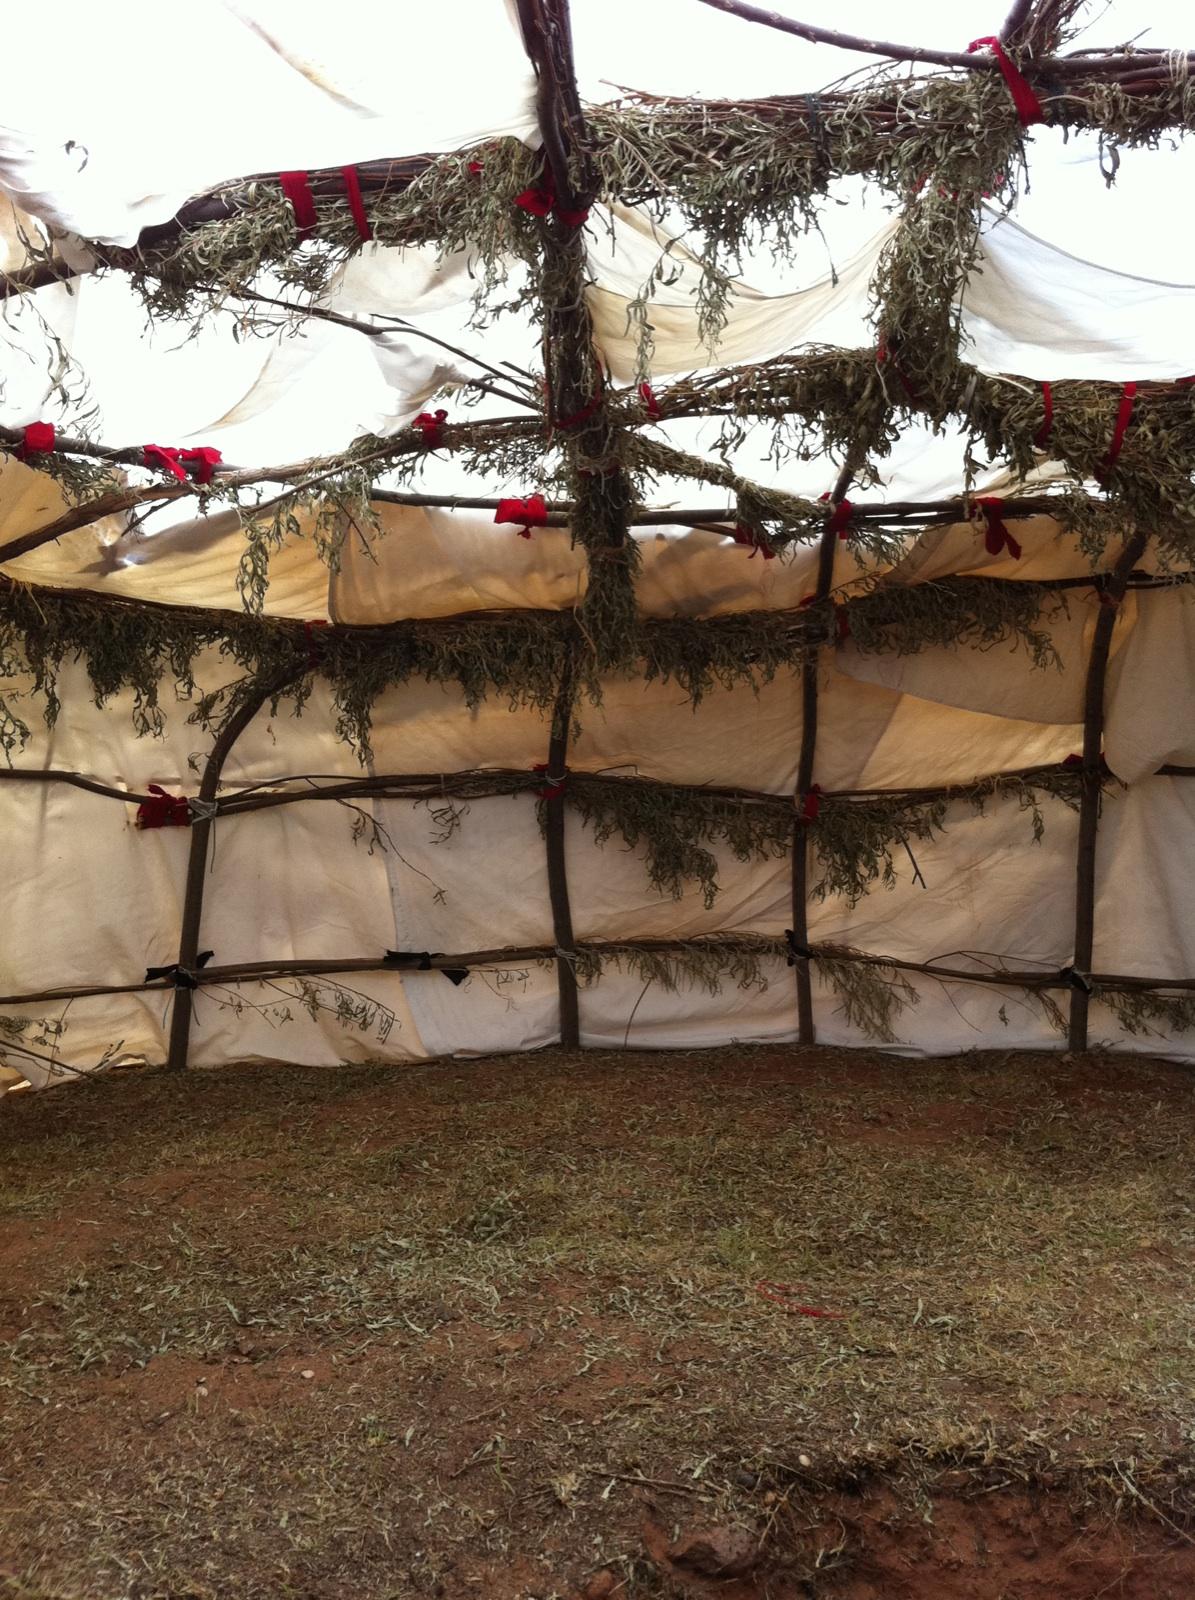 Sweat Lodge Ceremony in Sedona Arizona